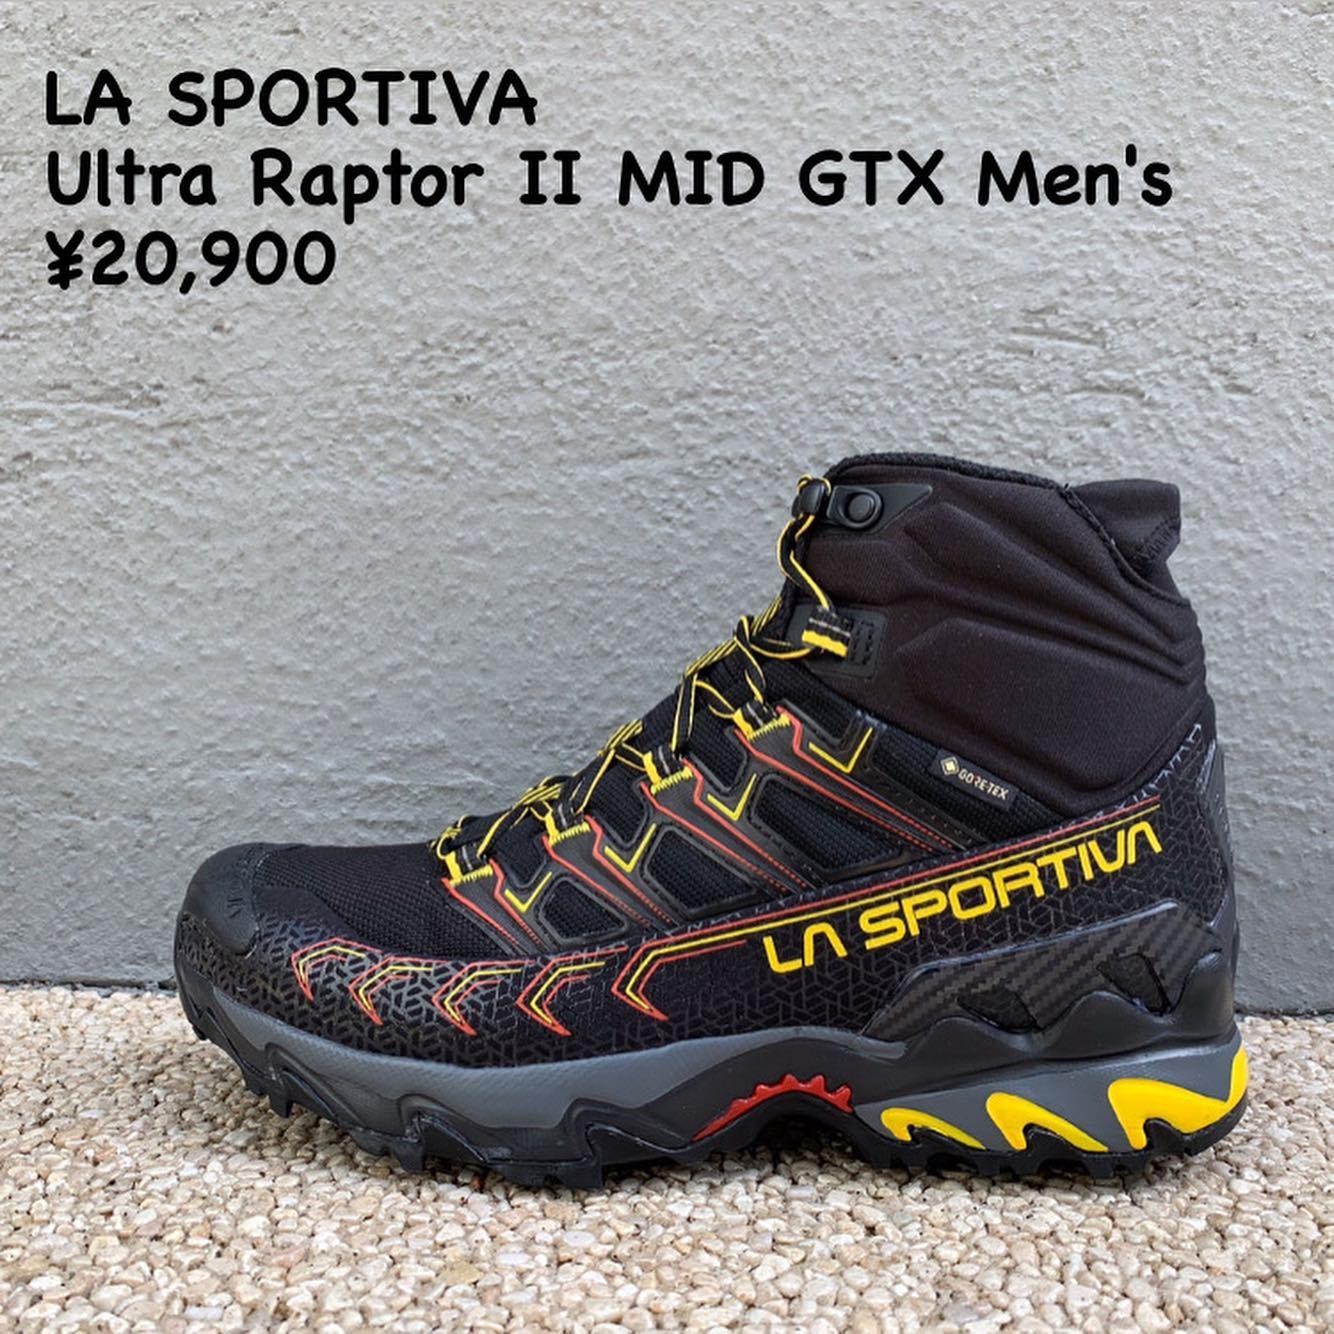 ゴアテックスを使い、雨の日でもスピーディーに『LA SPORTIVA ウルトララプター II MID GTX』のご紹介